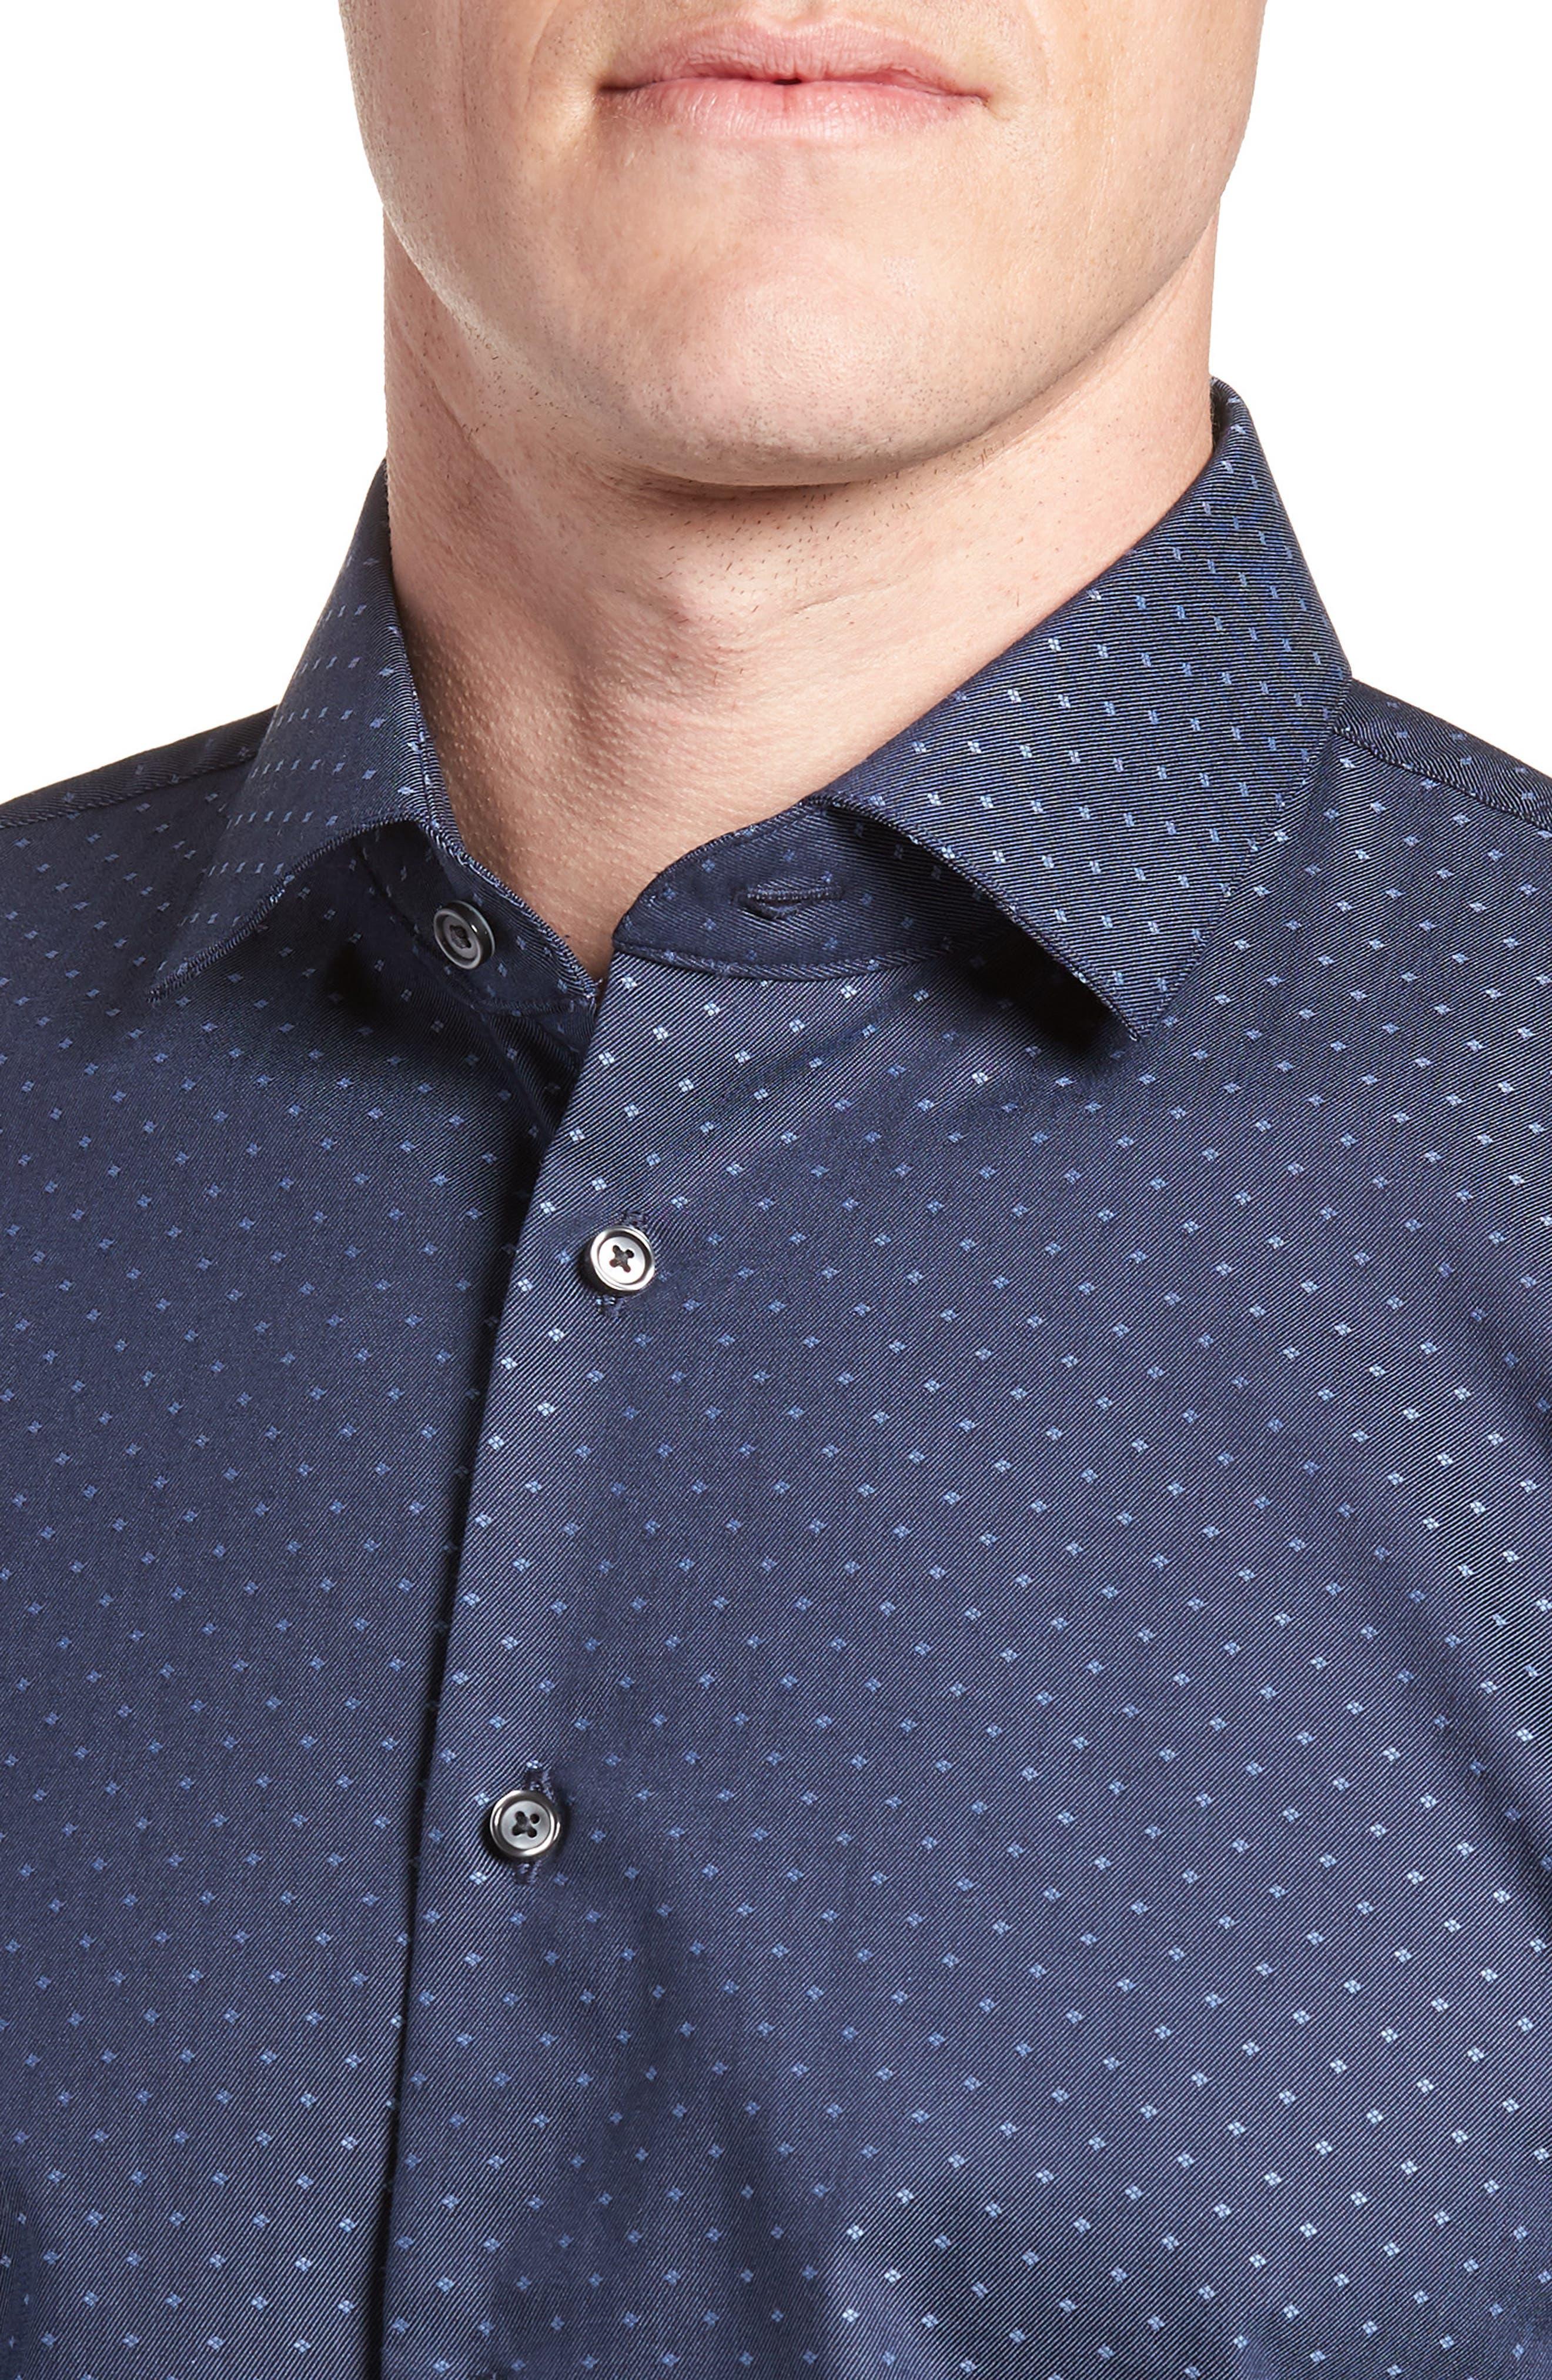 Trim Fit Jacquard Dress Shirt,                             Alternate thumbnail 2, color,                             410